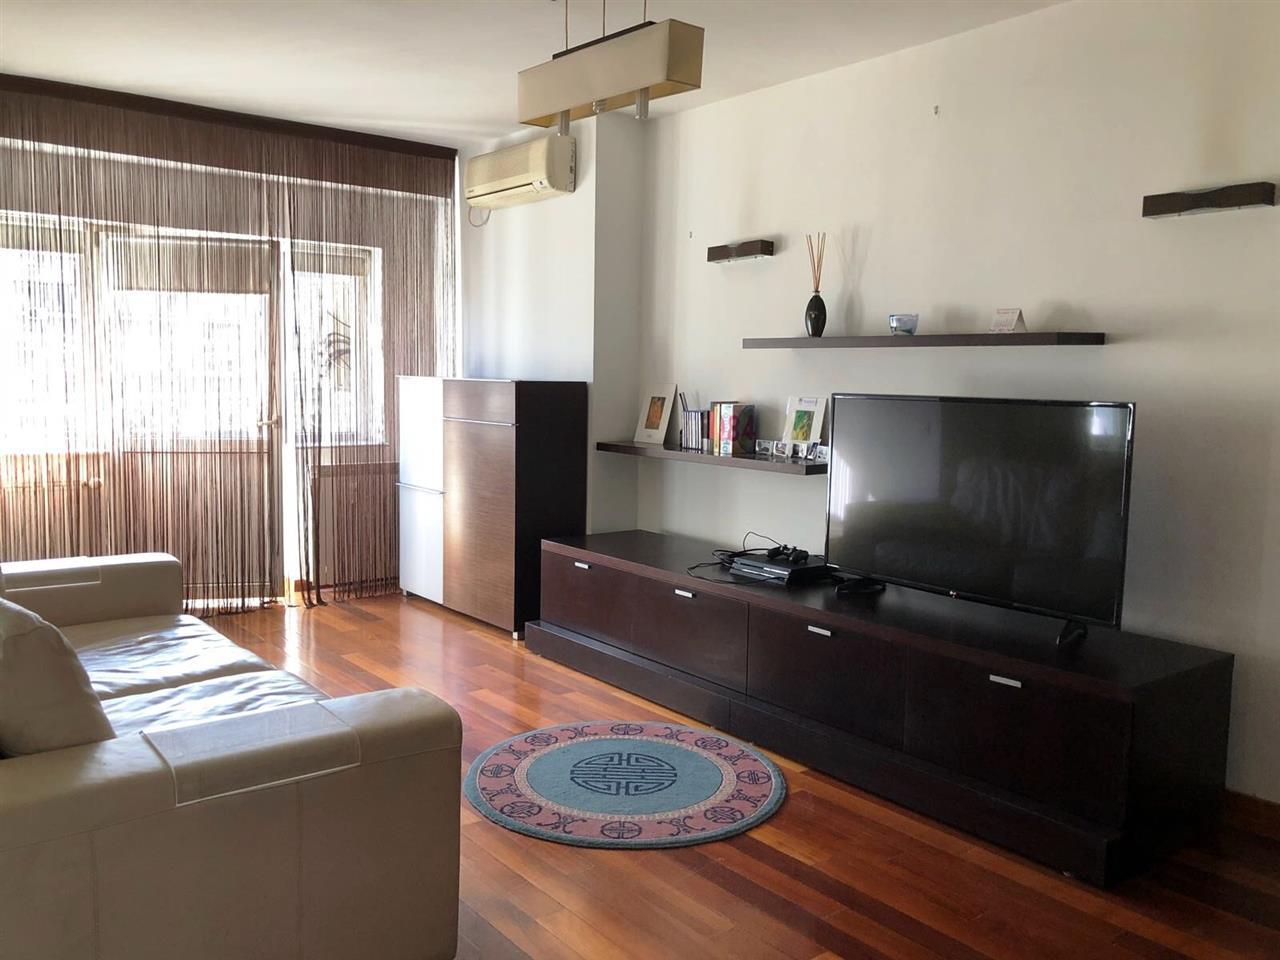 Apartament 2 camere de inchiriat in Bd. Decebal Tress Cafe